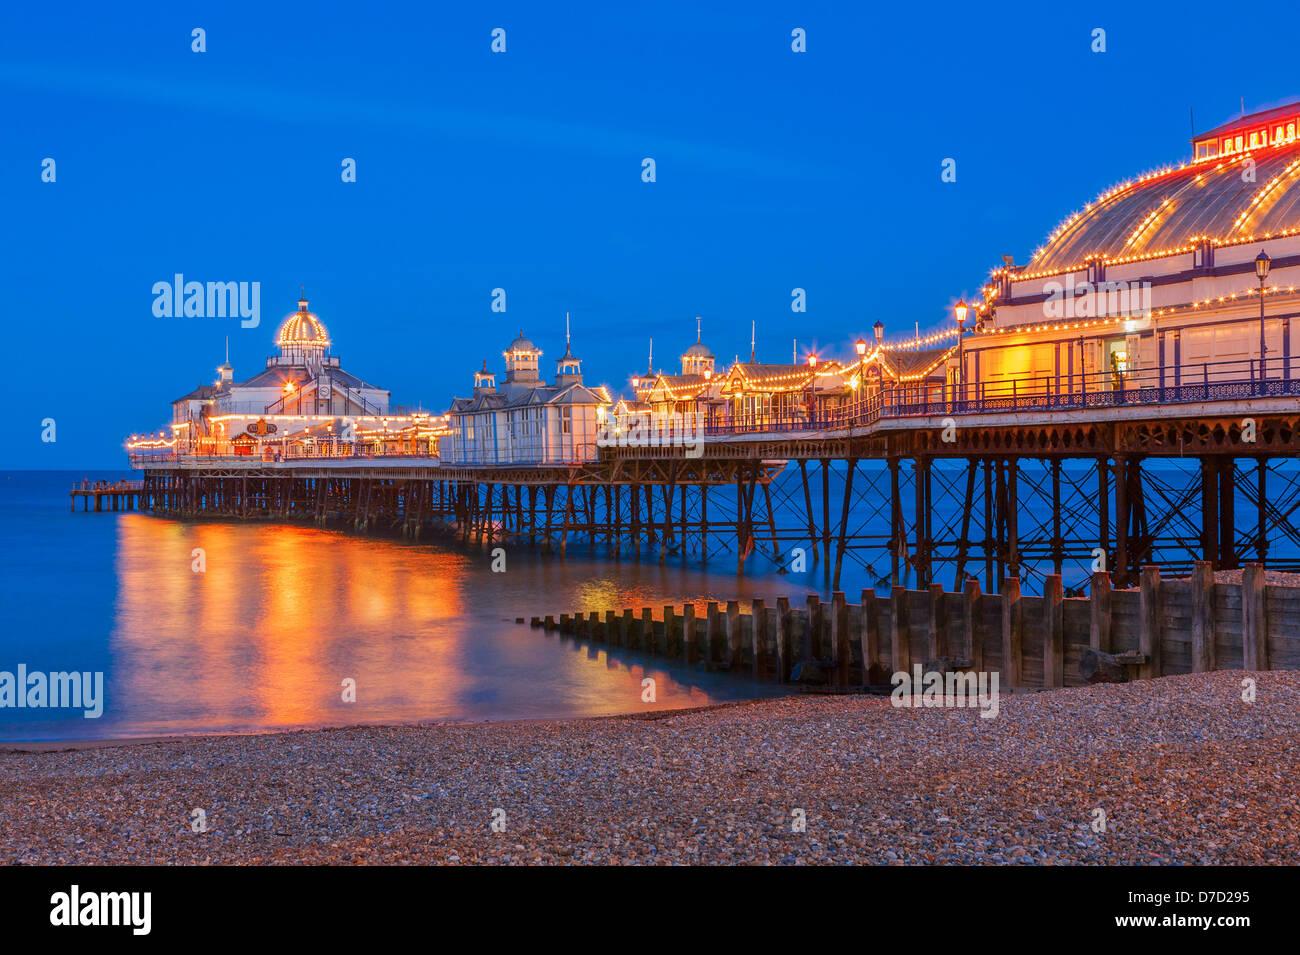 La jetée d''Eastbourne allumé au crépuscule Banque D'Images